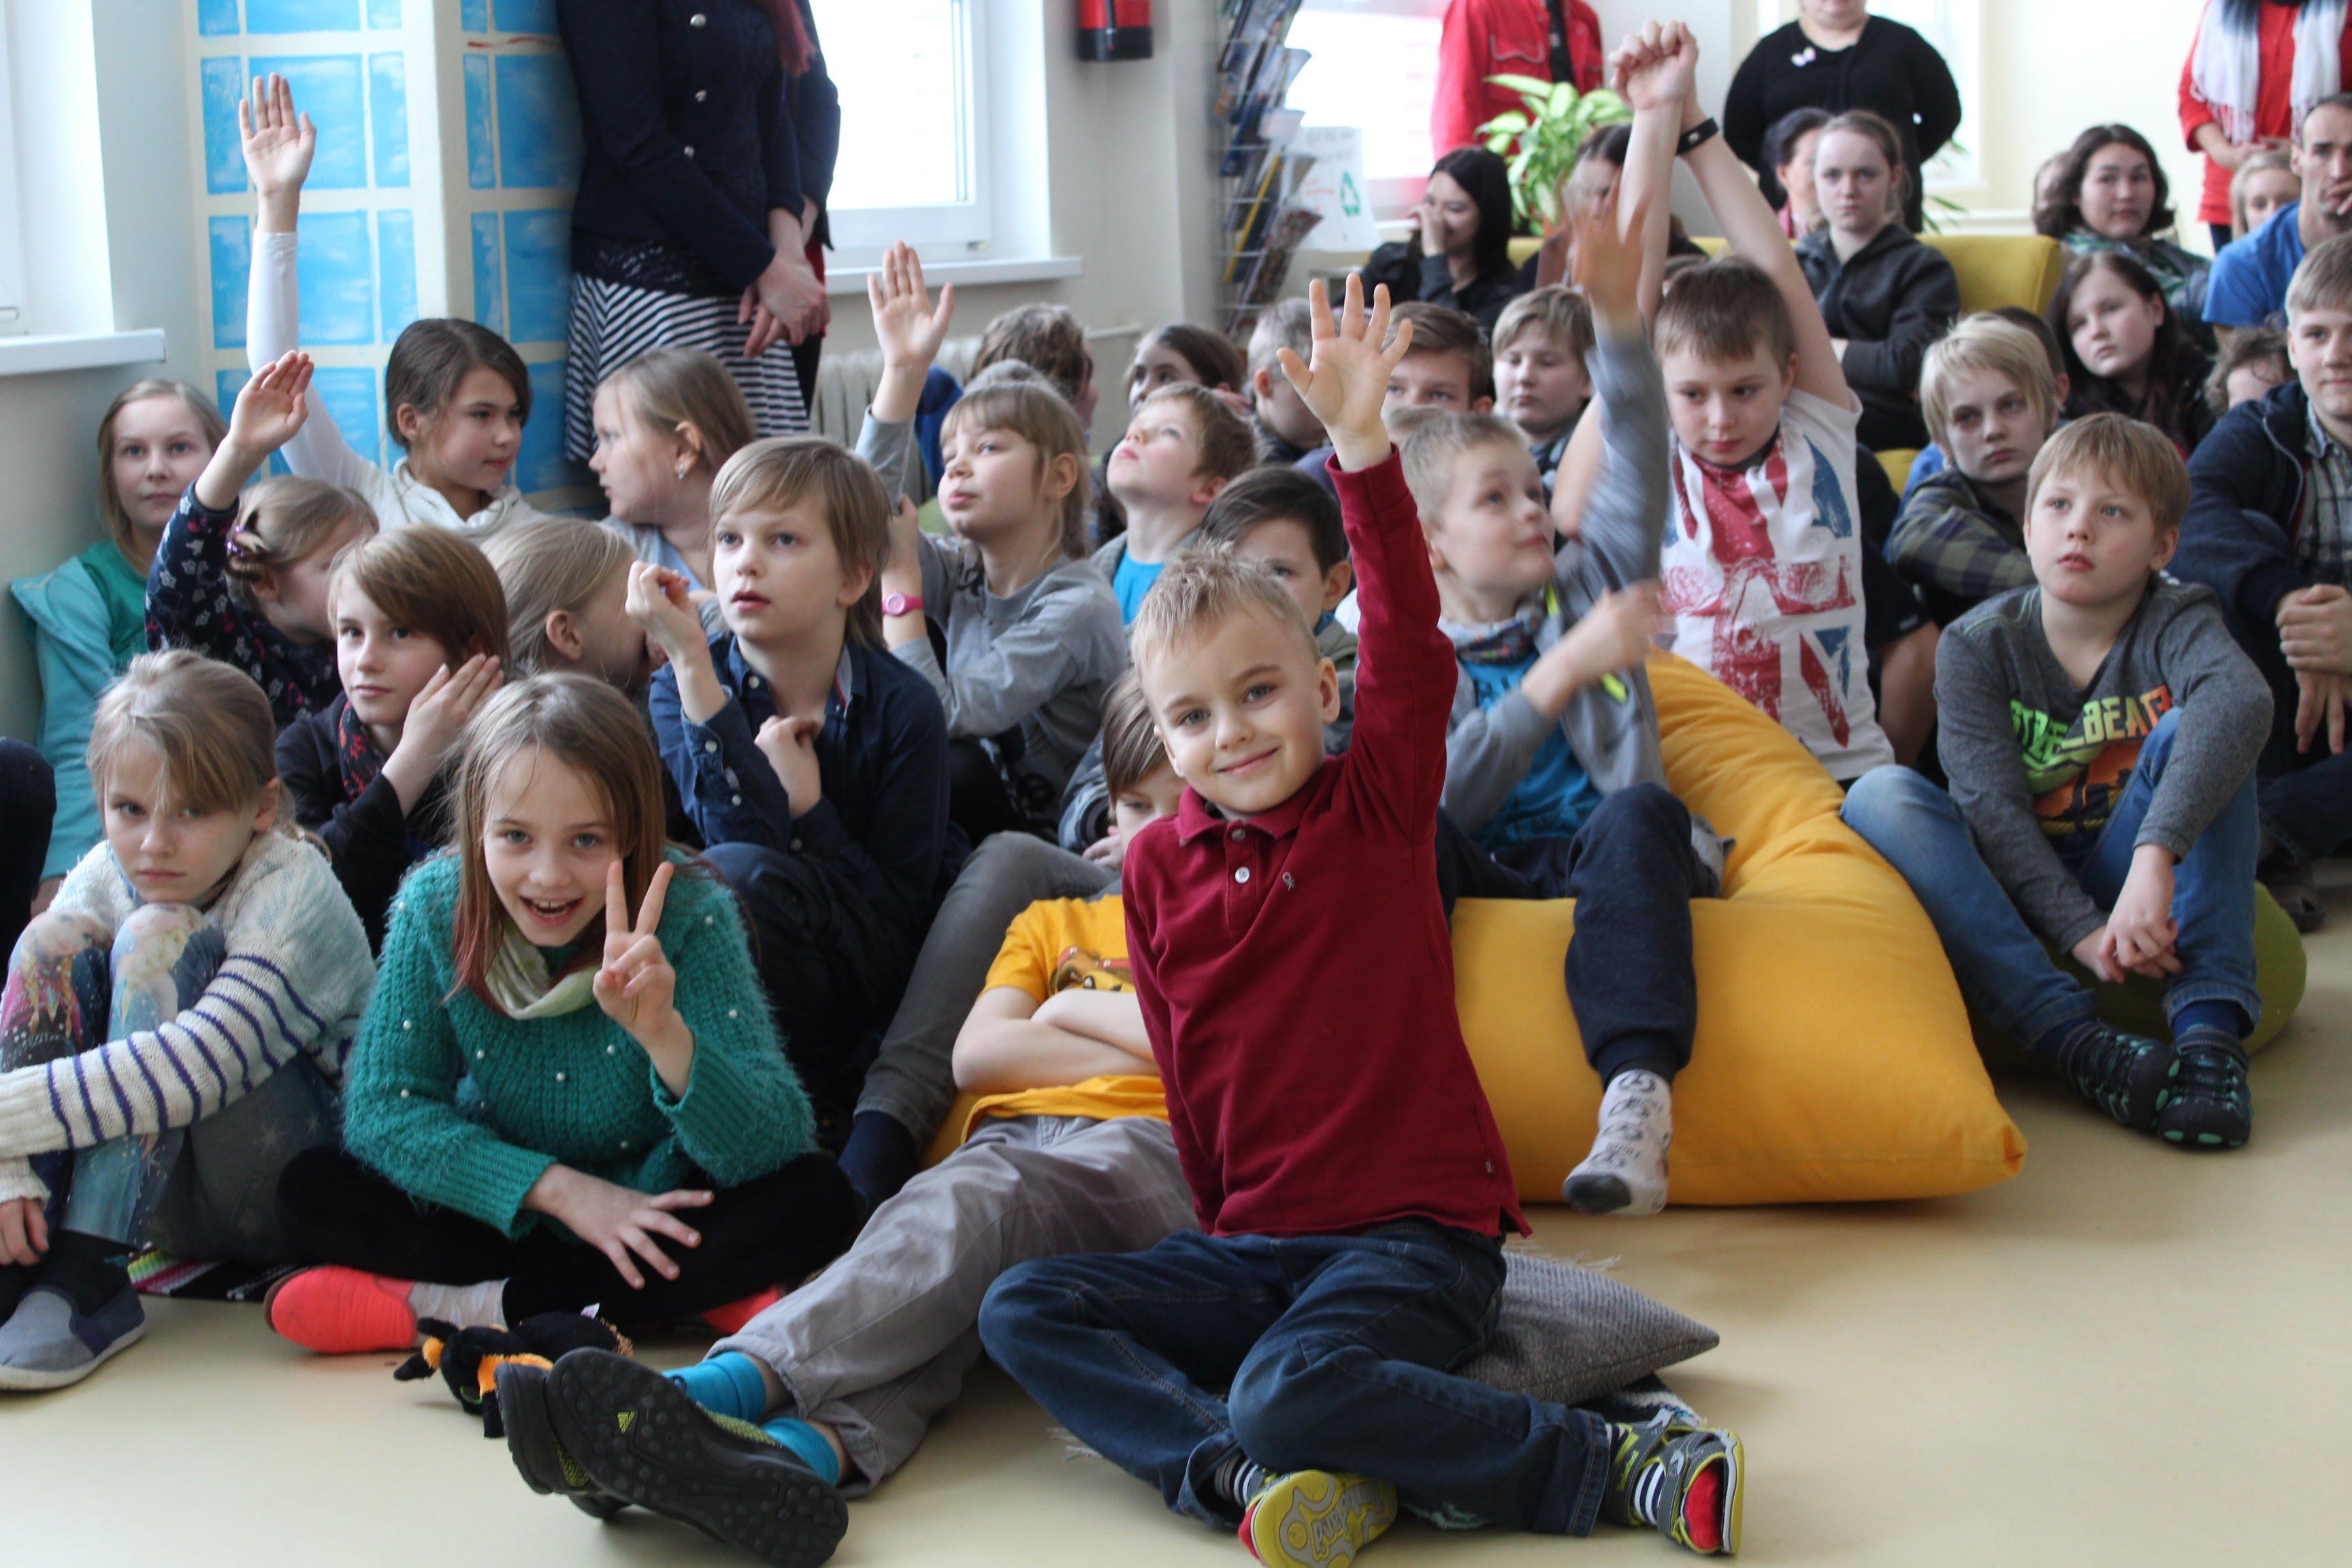 Haridusminister Mailis Reps Lüllemäe Põhikoolis. Õpilastel jätkus küsimusi veel ja veel. Foto autor: Külli Teder